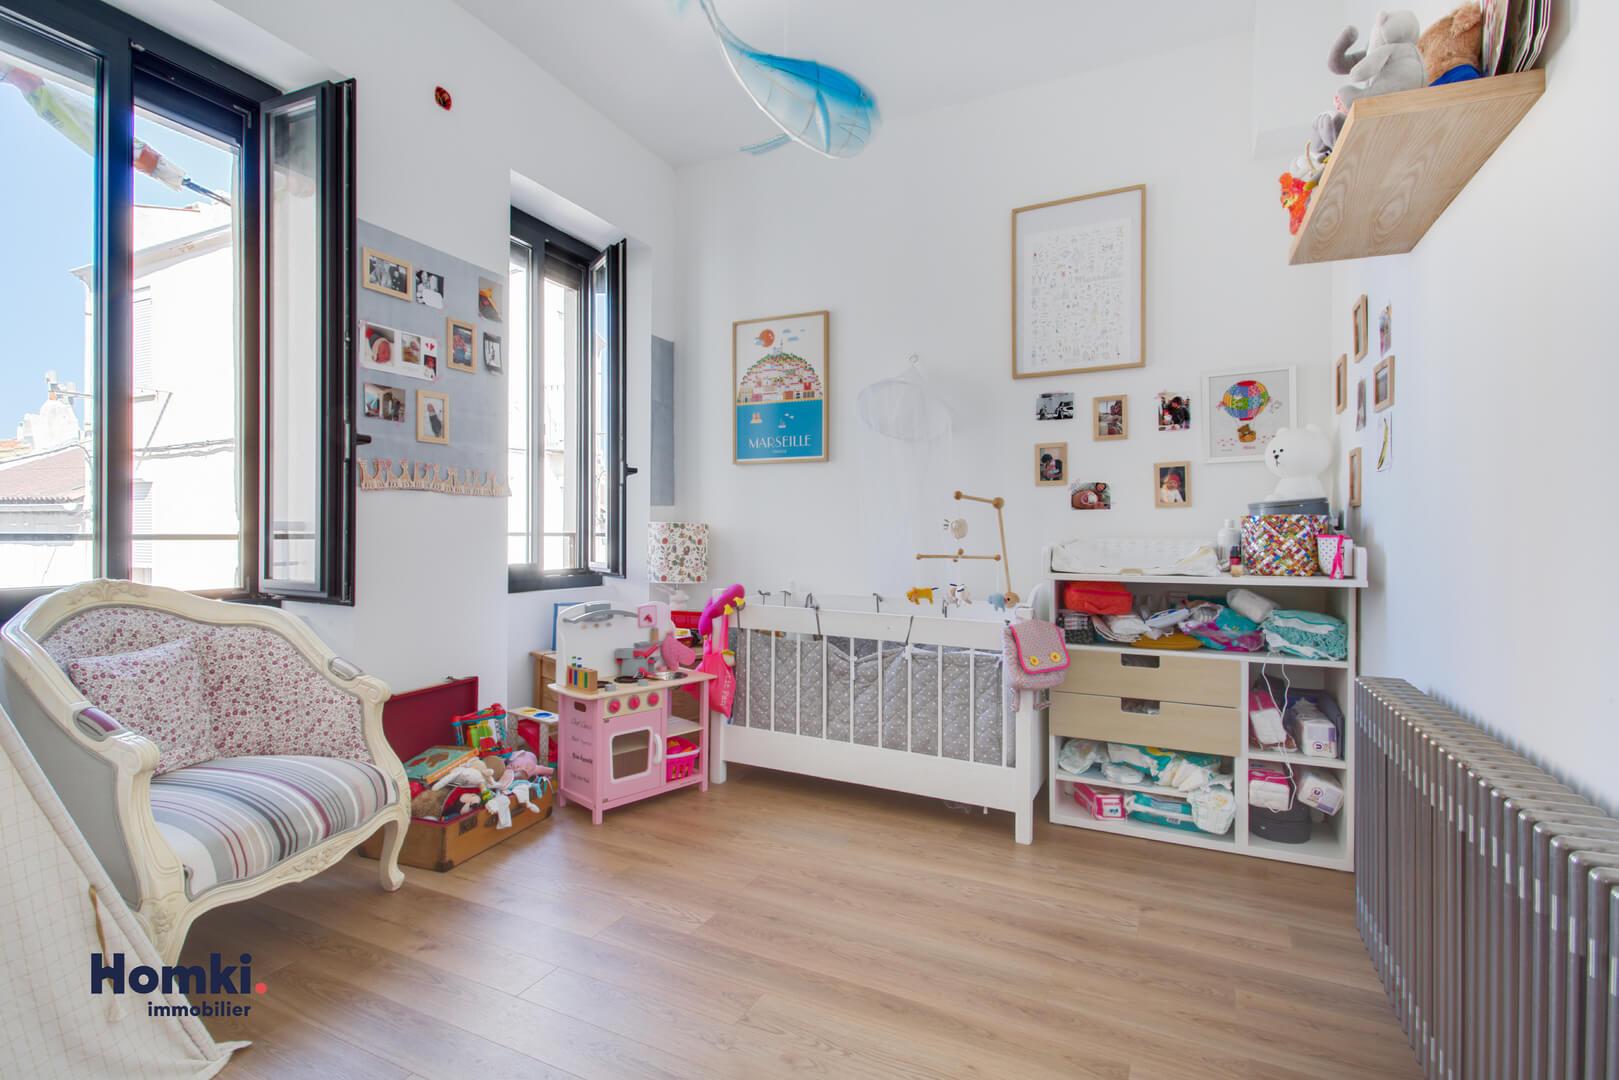 Vente maison 100 m² T4 13007_9